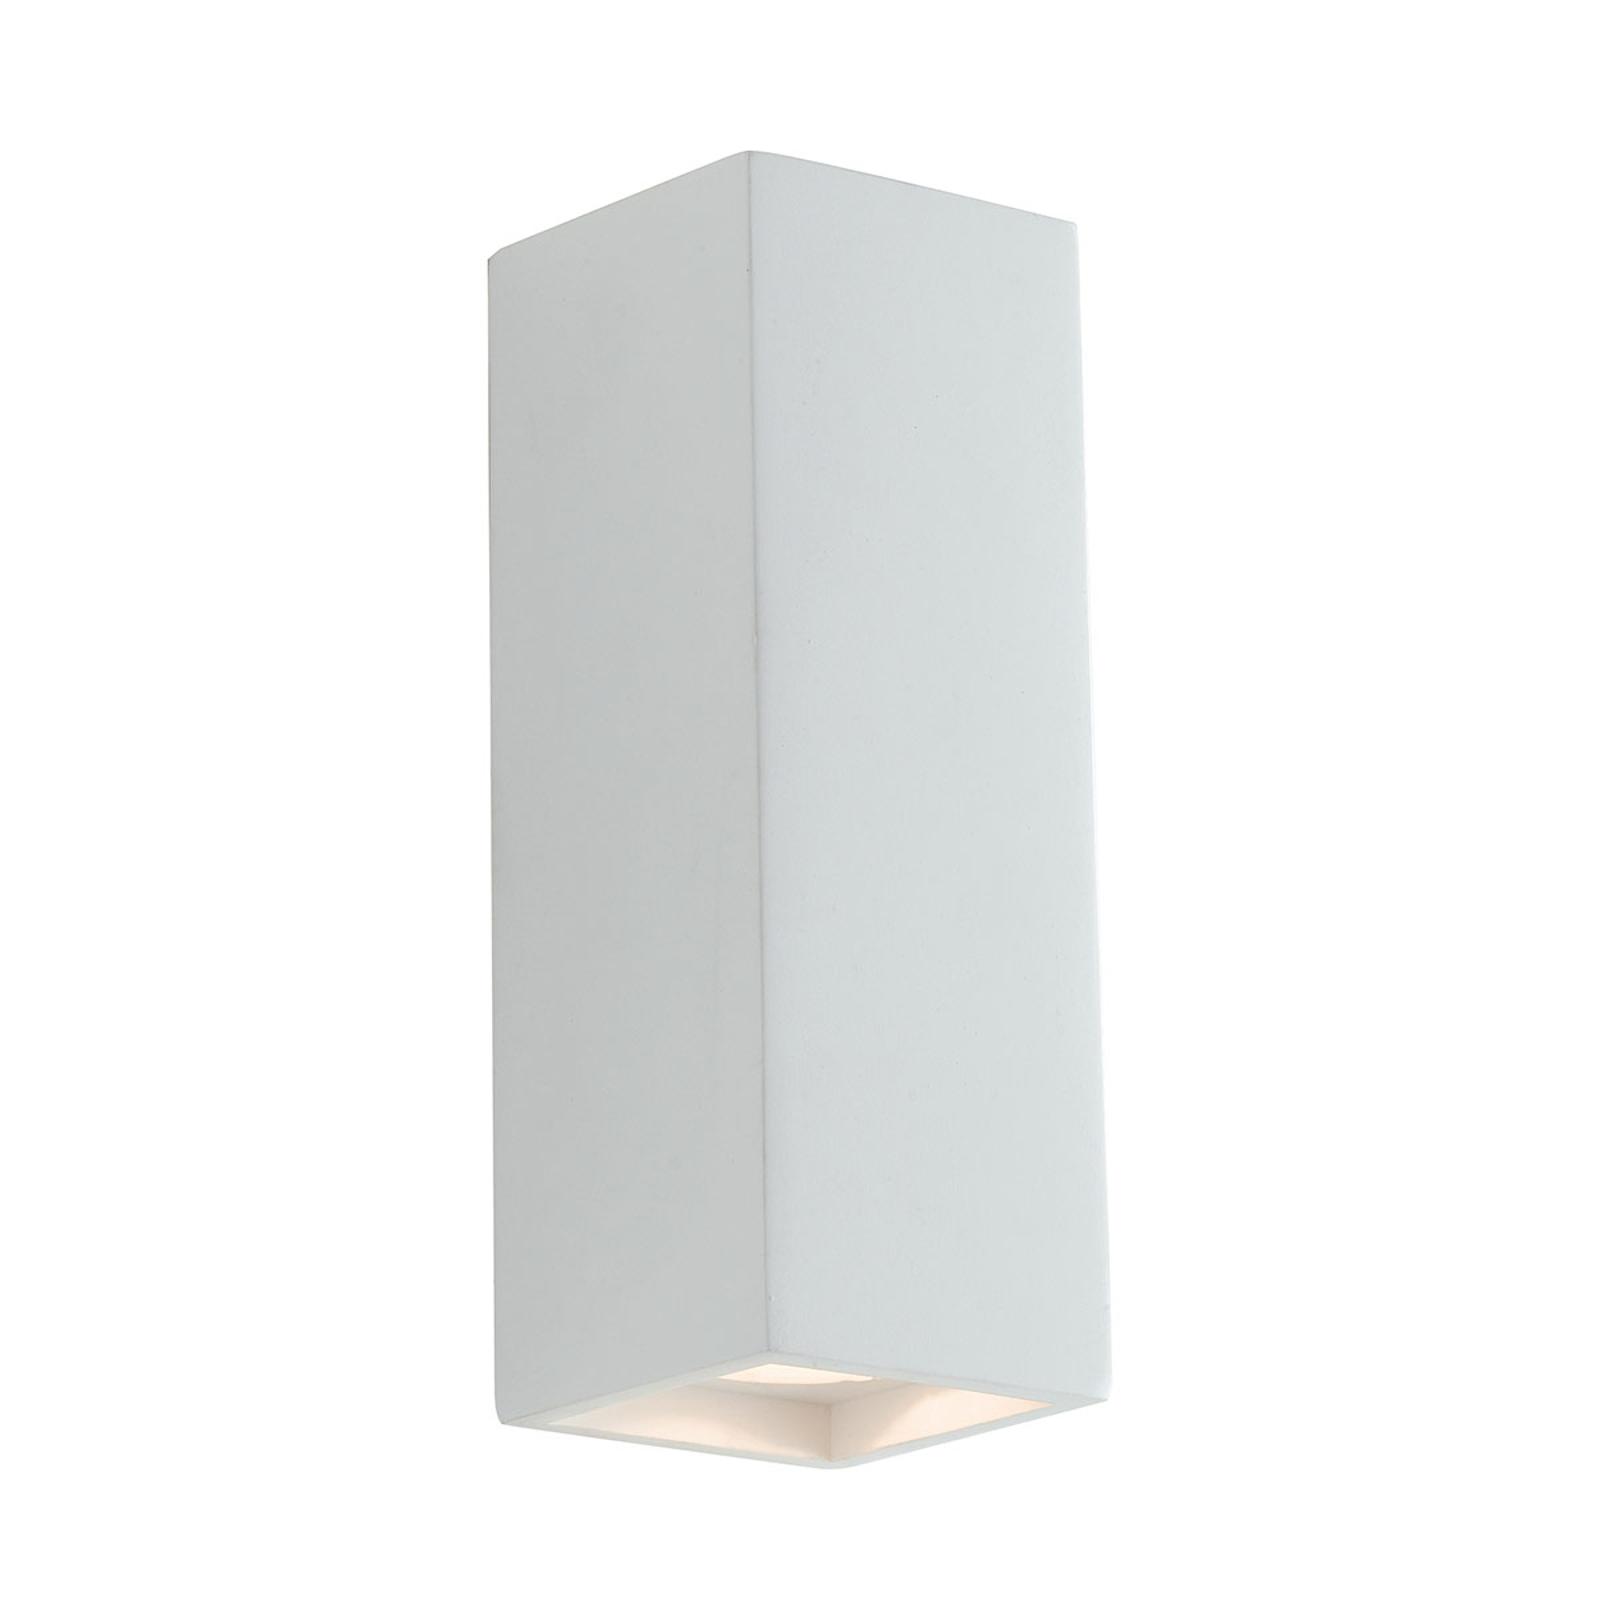 Wandlamp Foster van gips, twee lichtemissies